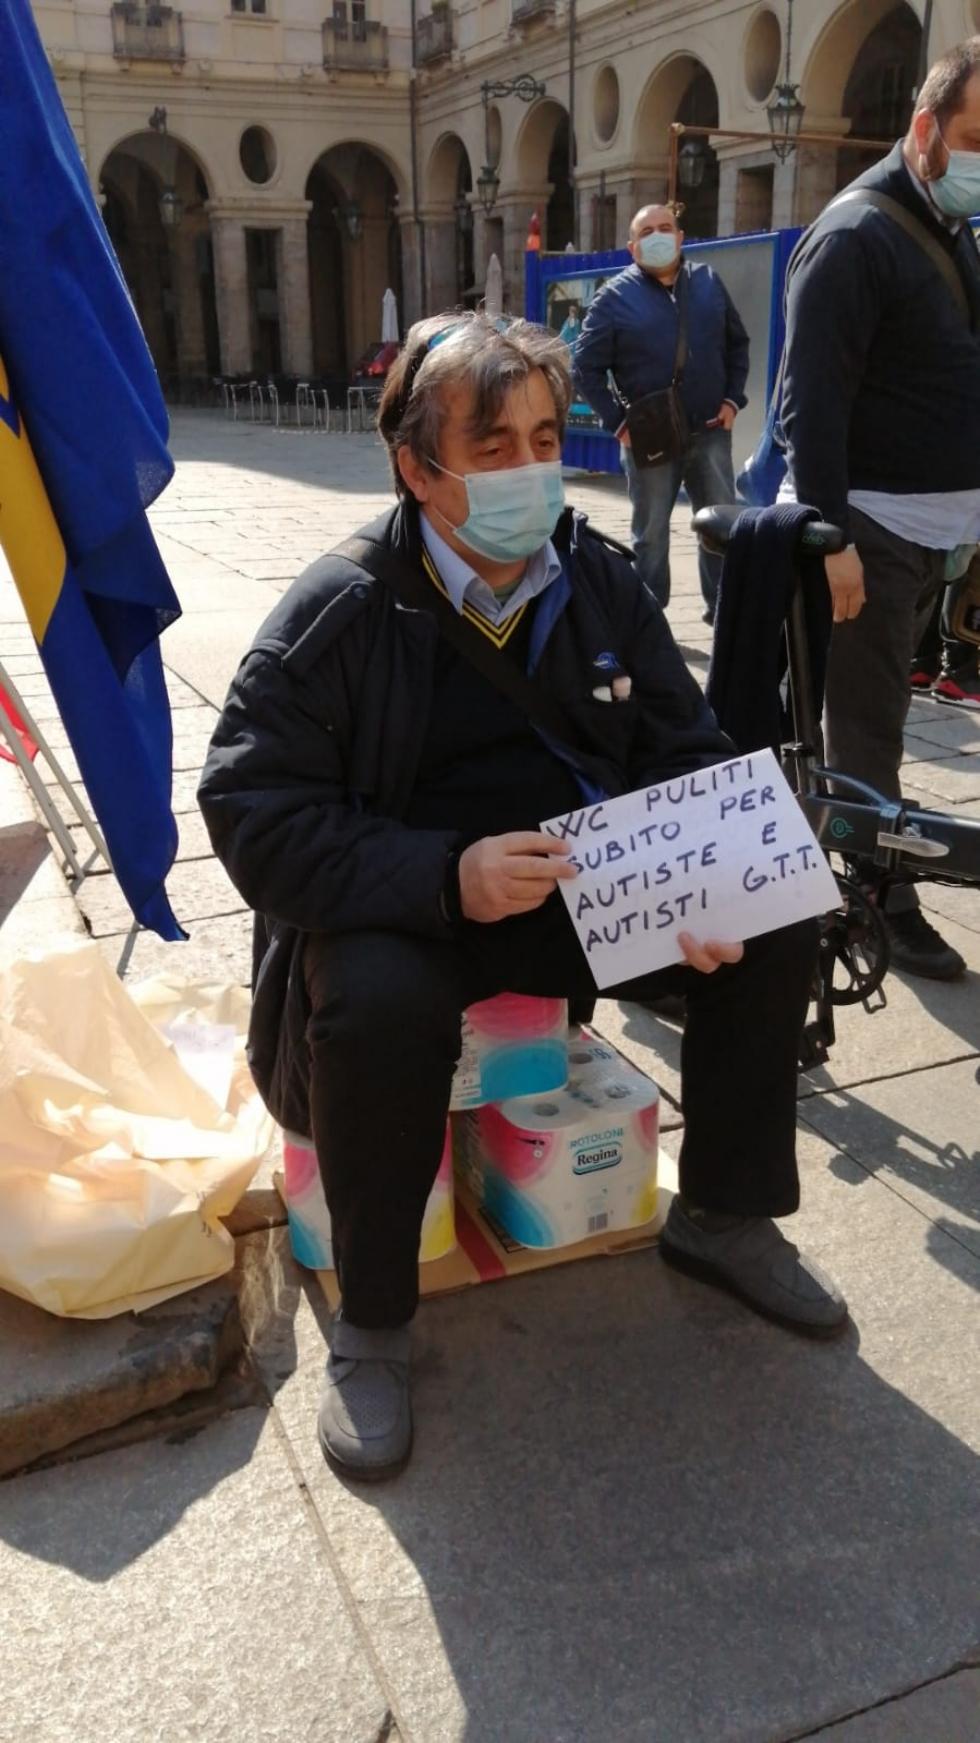 VENARIA - Venerdì sciopera il deposito Gtt di via Amati, per 4 ore: ieri protesta a Torino - FOTO